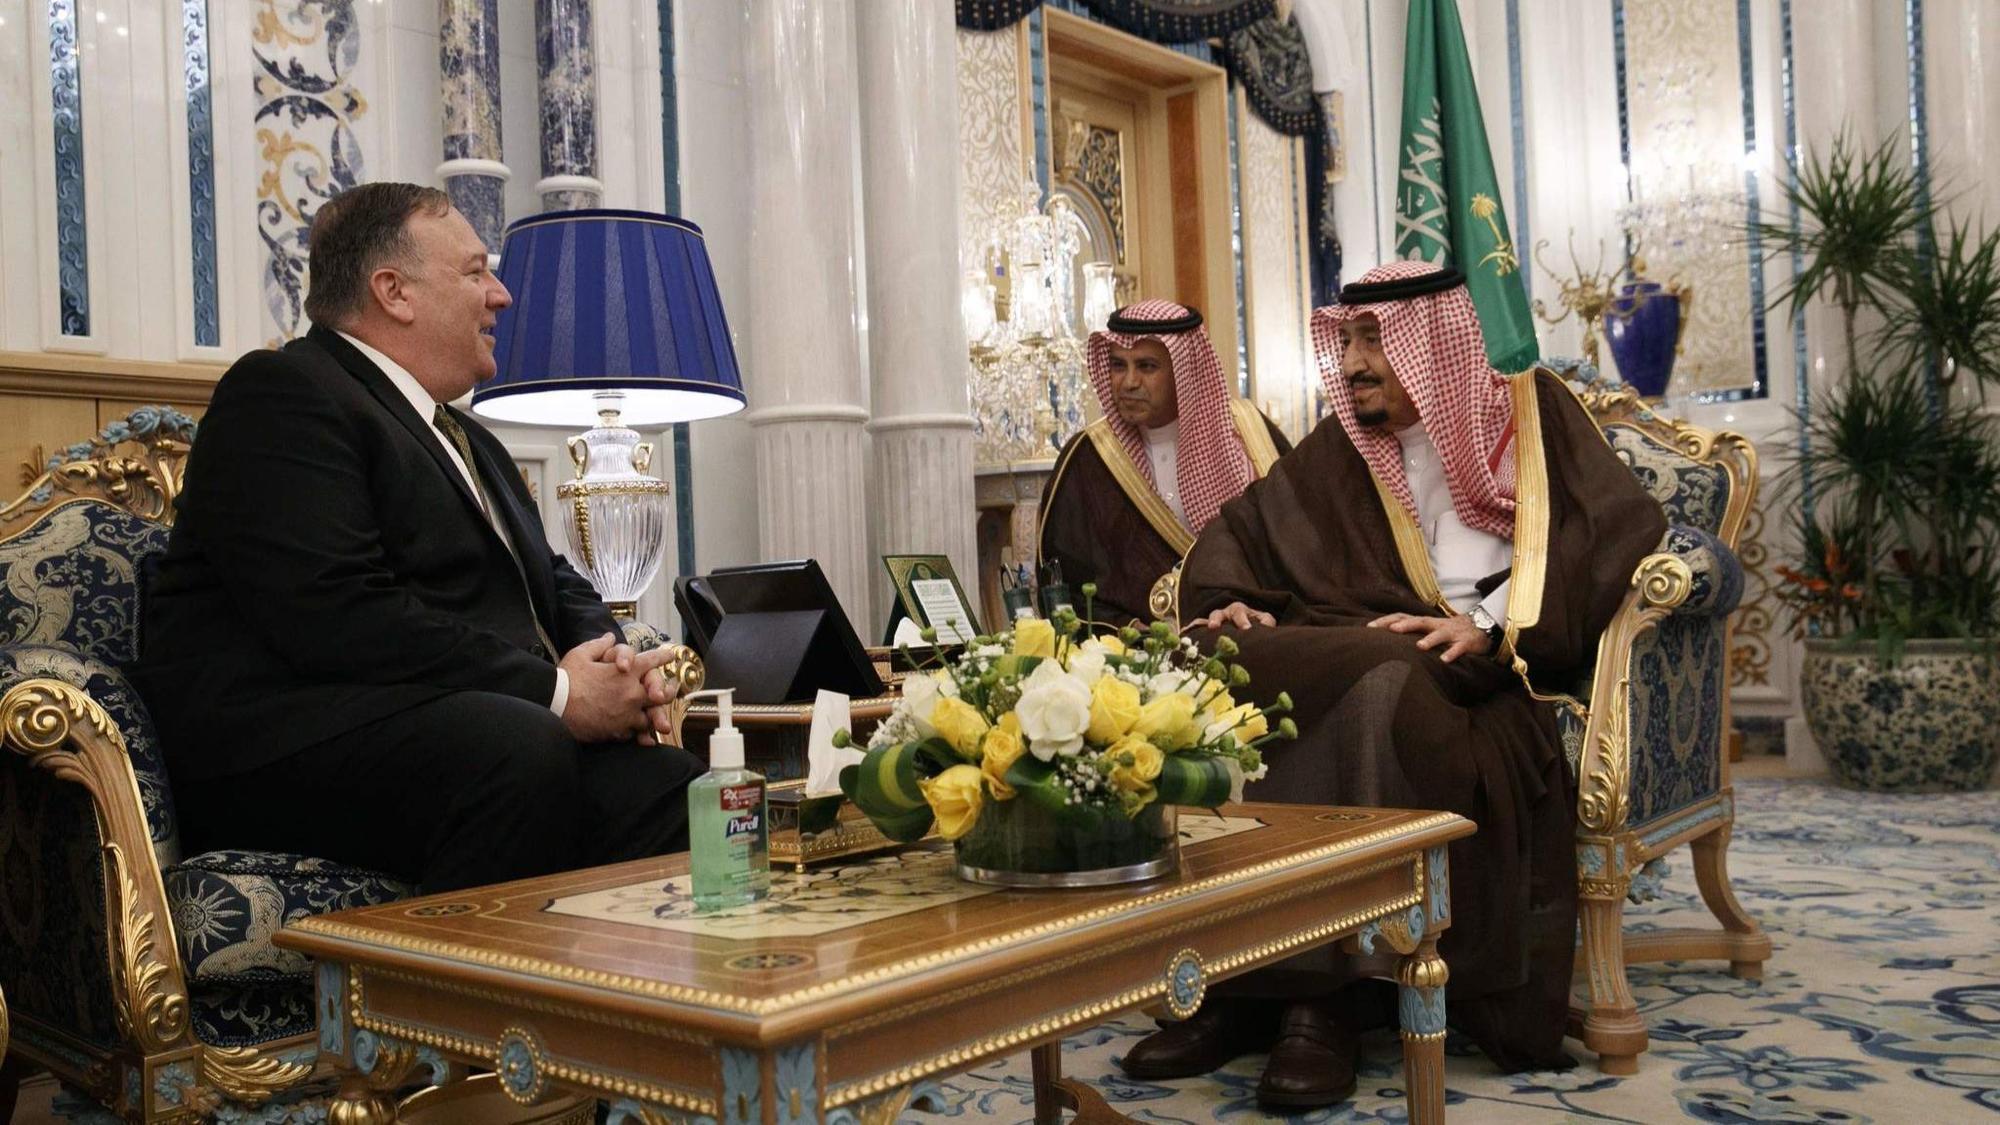 Pompeo in Saudi Arabia; Iran threatens more U.S. drone attacks